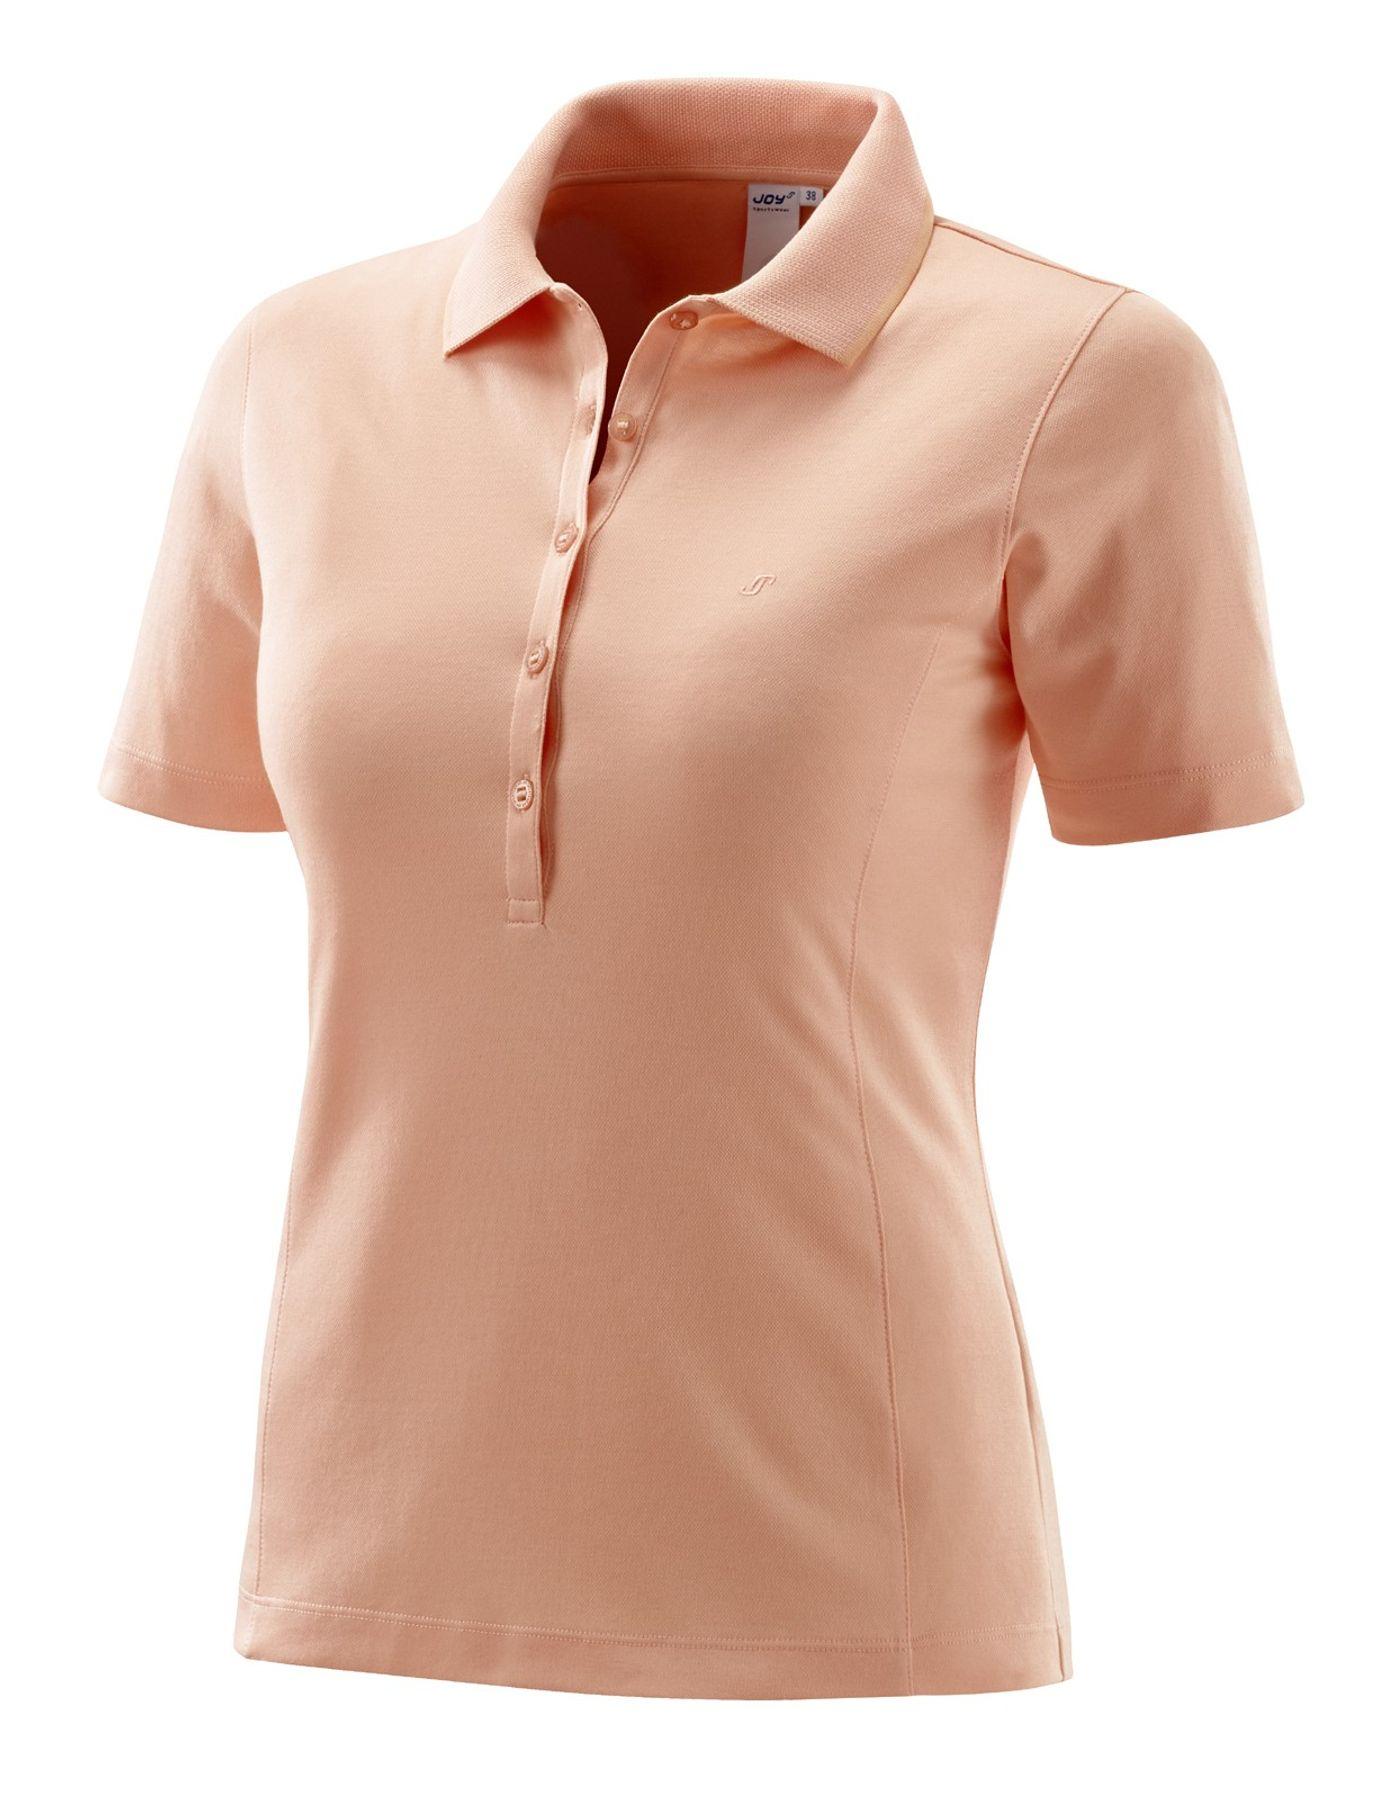 Joy - Damen Sport und Freizeit Poloshirt Bianka (34475A) – Bild 4